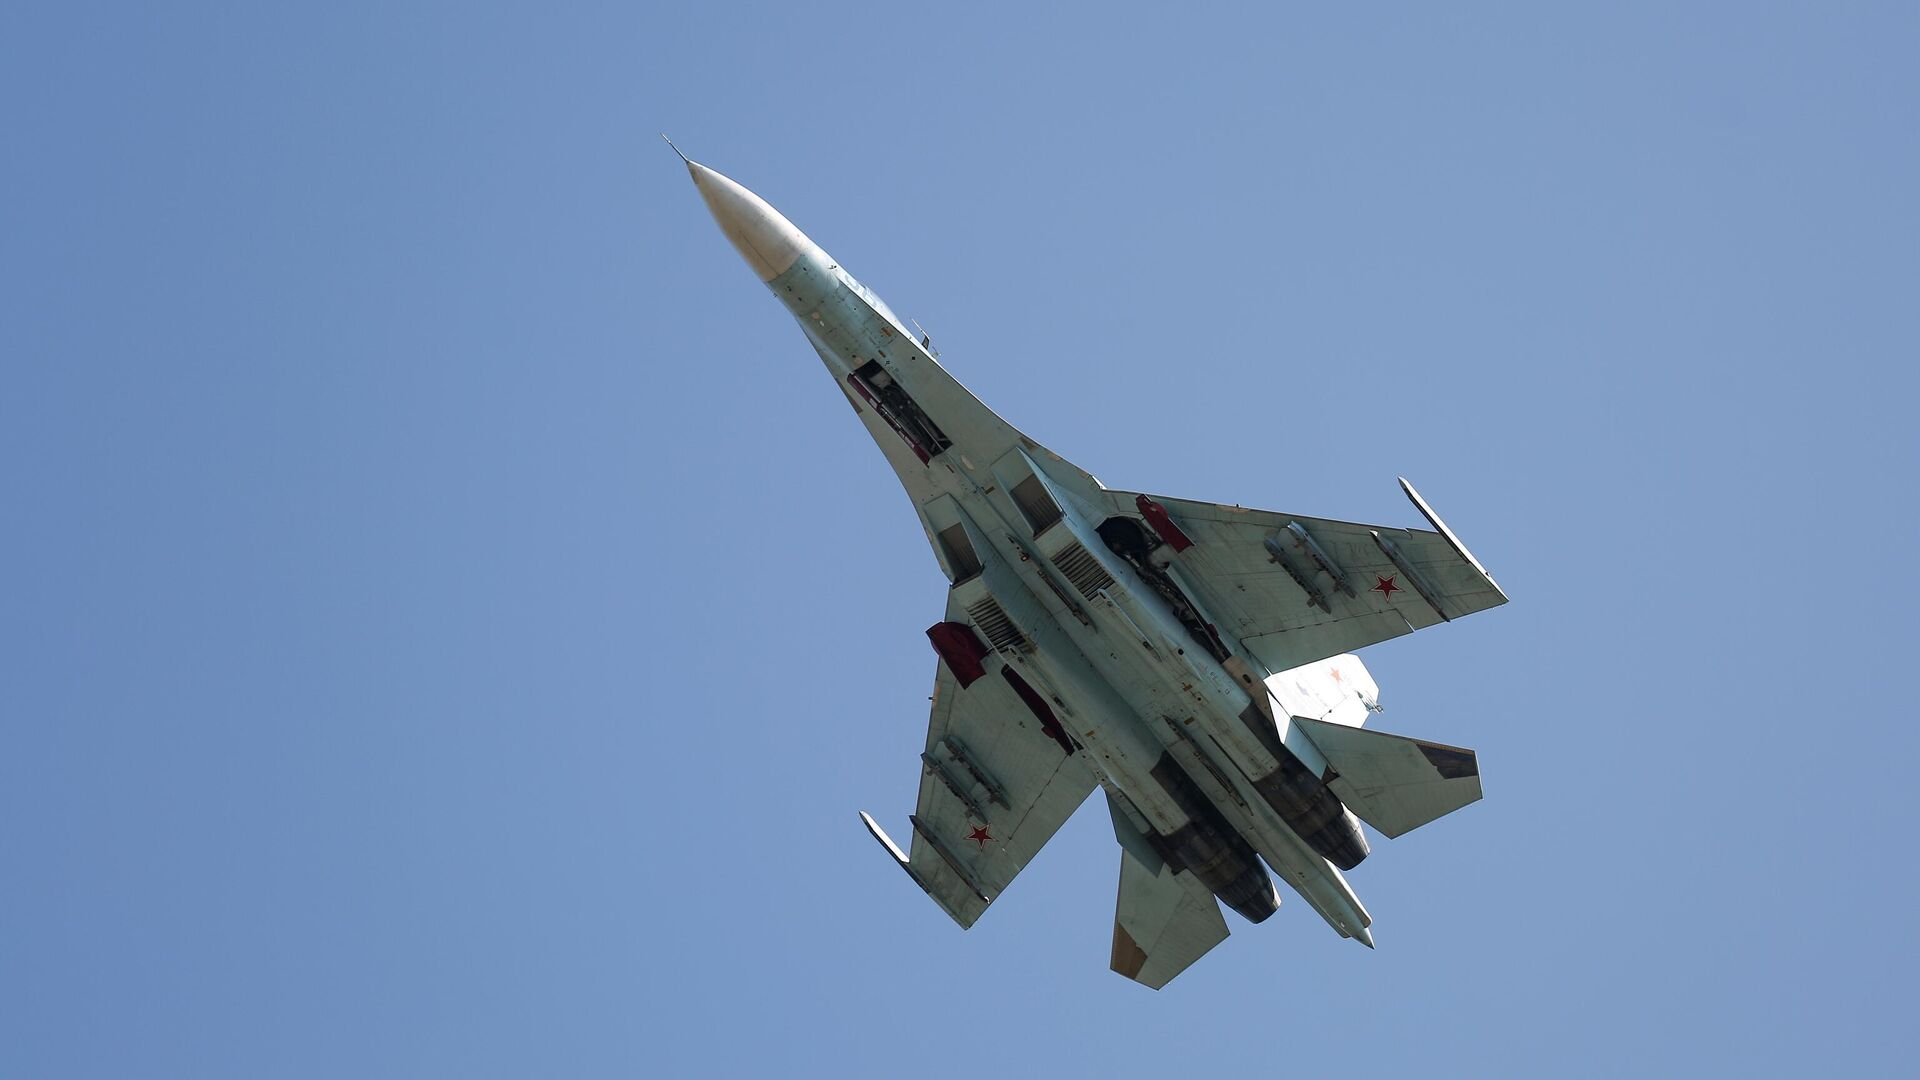 Многоцелевой истребитель Су-27 - Sputnik Беларусь, 1920, 22.07.2021